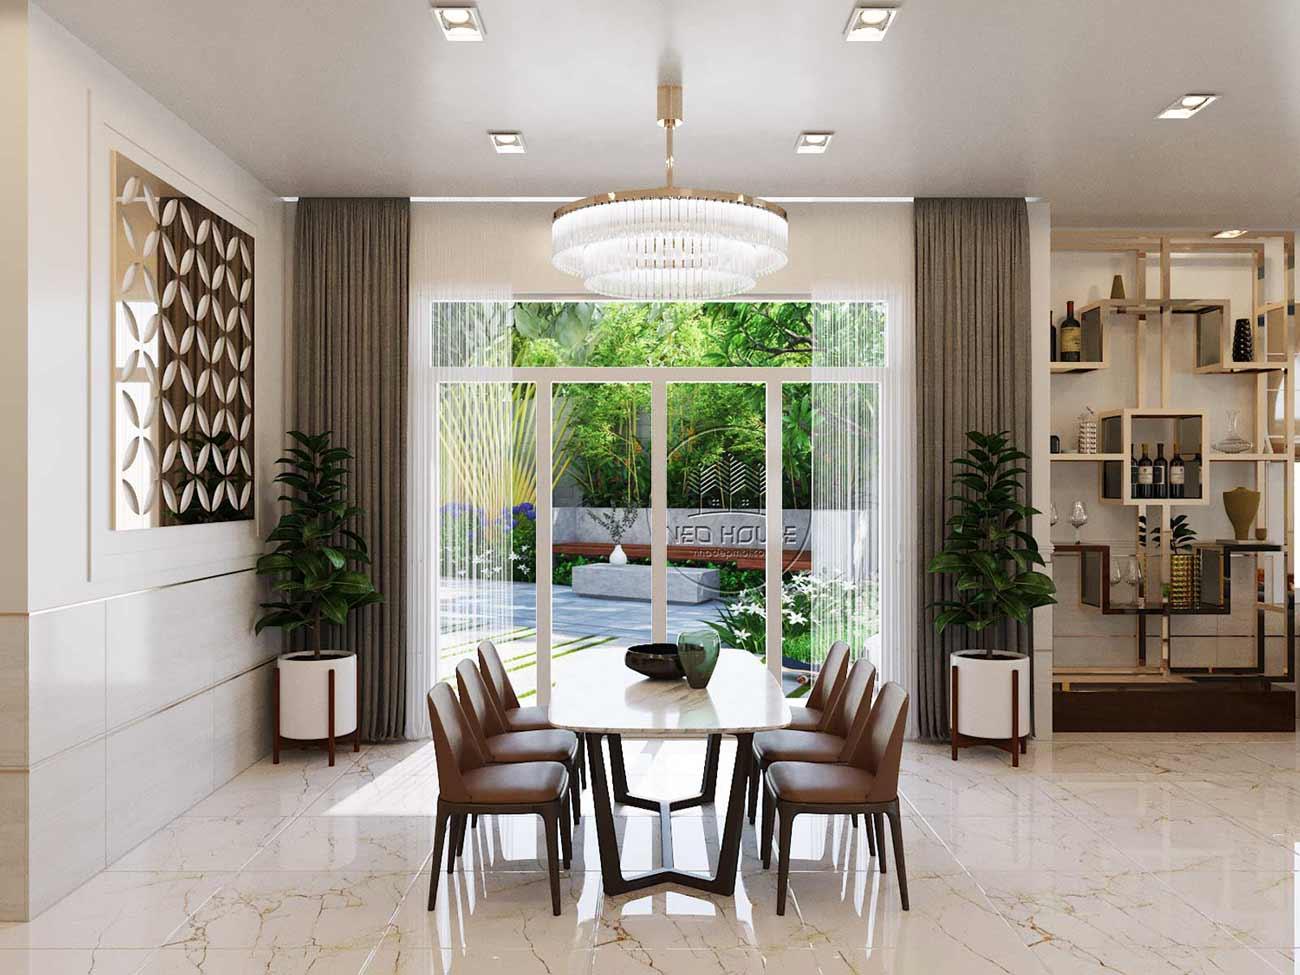 Thiết kế nội thất biệt thự vườn 1 tầng hiện đại. Ảnh 3